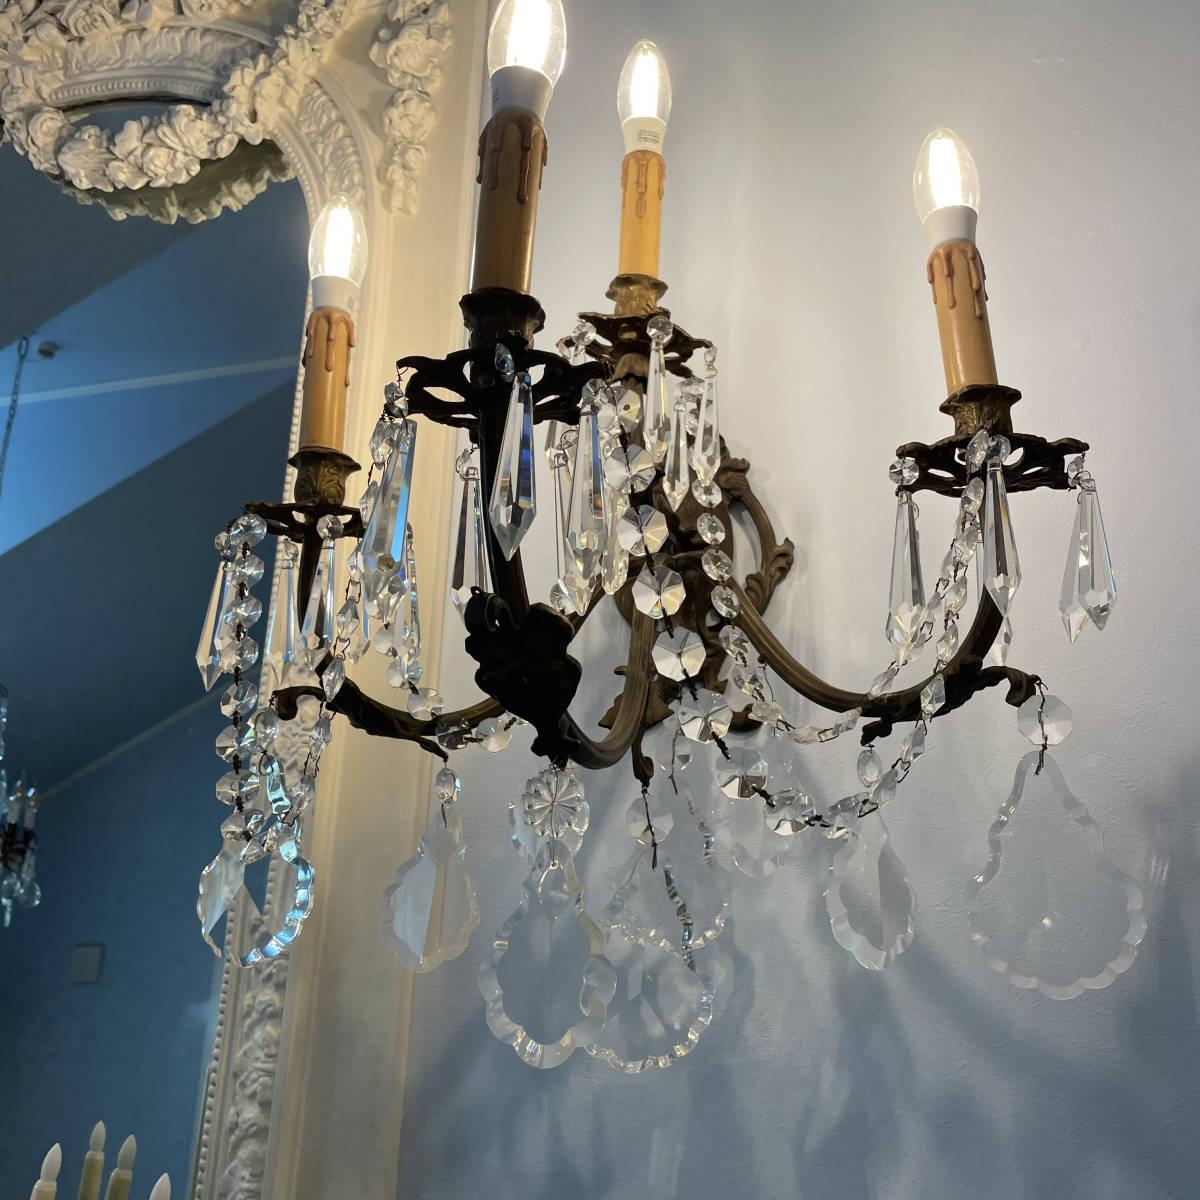 フランスアンティーク ブラケットペア 壁掛け照明 アンティーク照明 アンティークシャンデリア ガラスドロップ 壁掛けシャンデリア _画像5